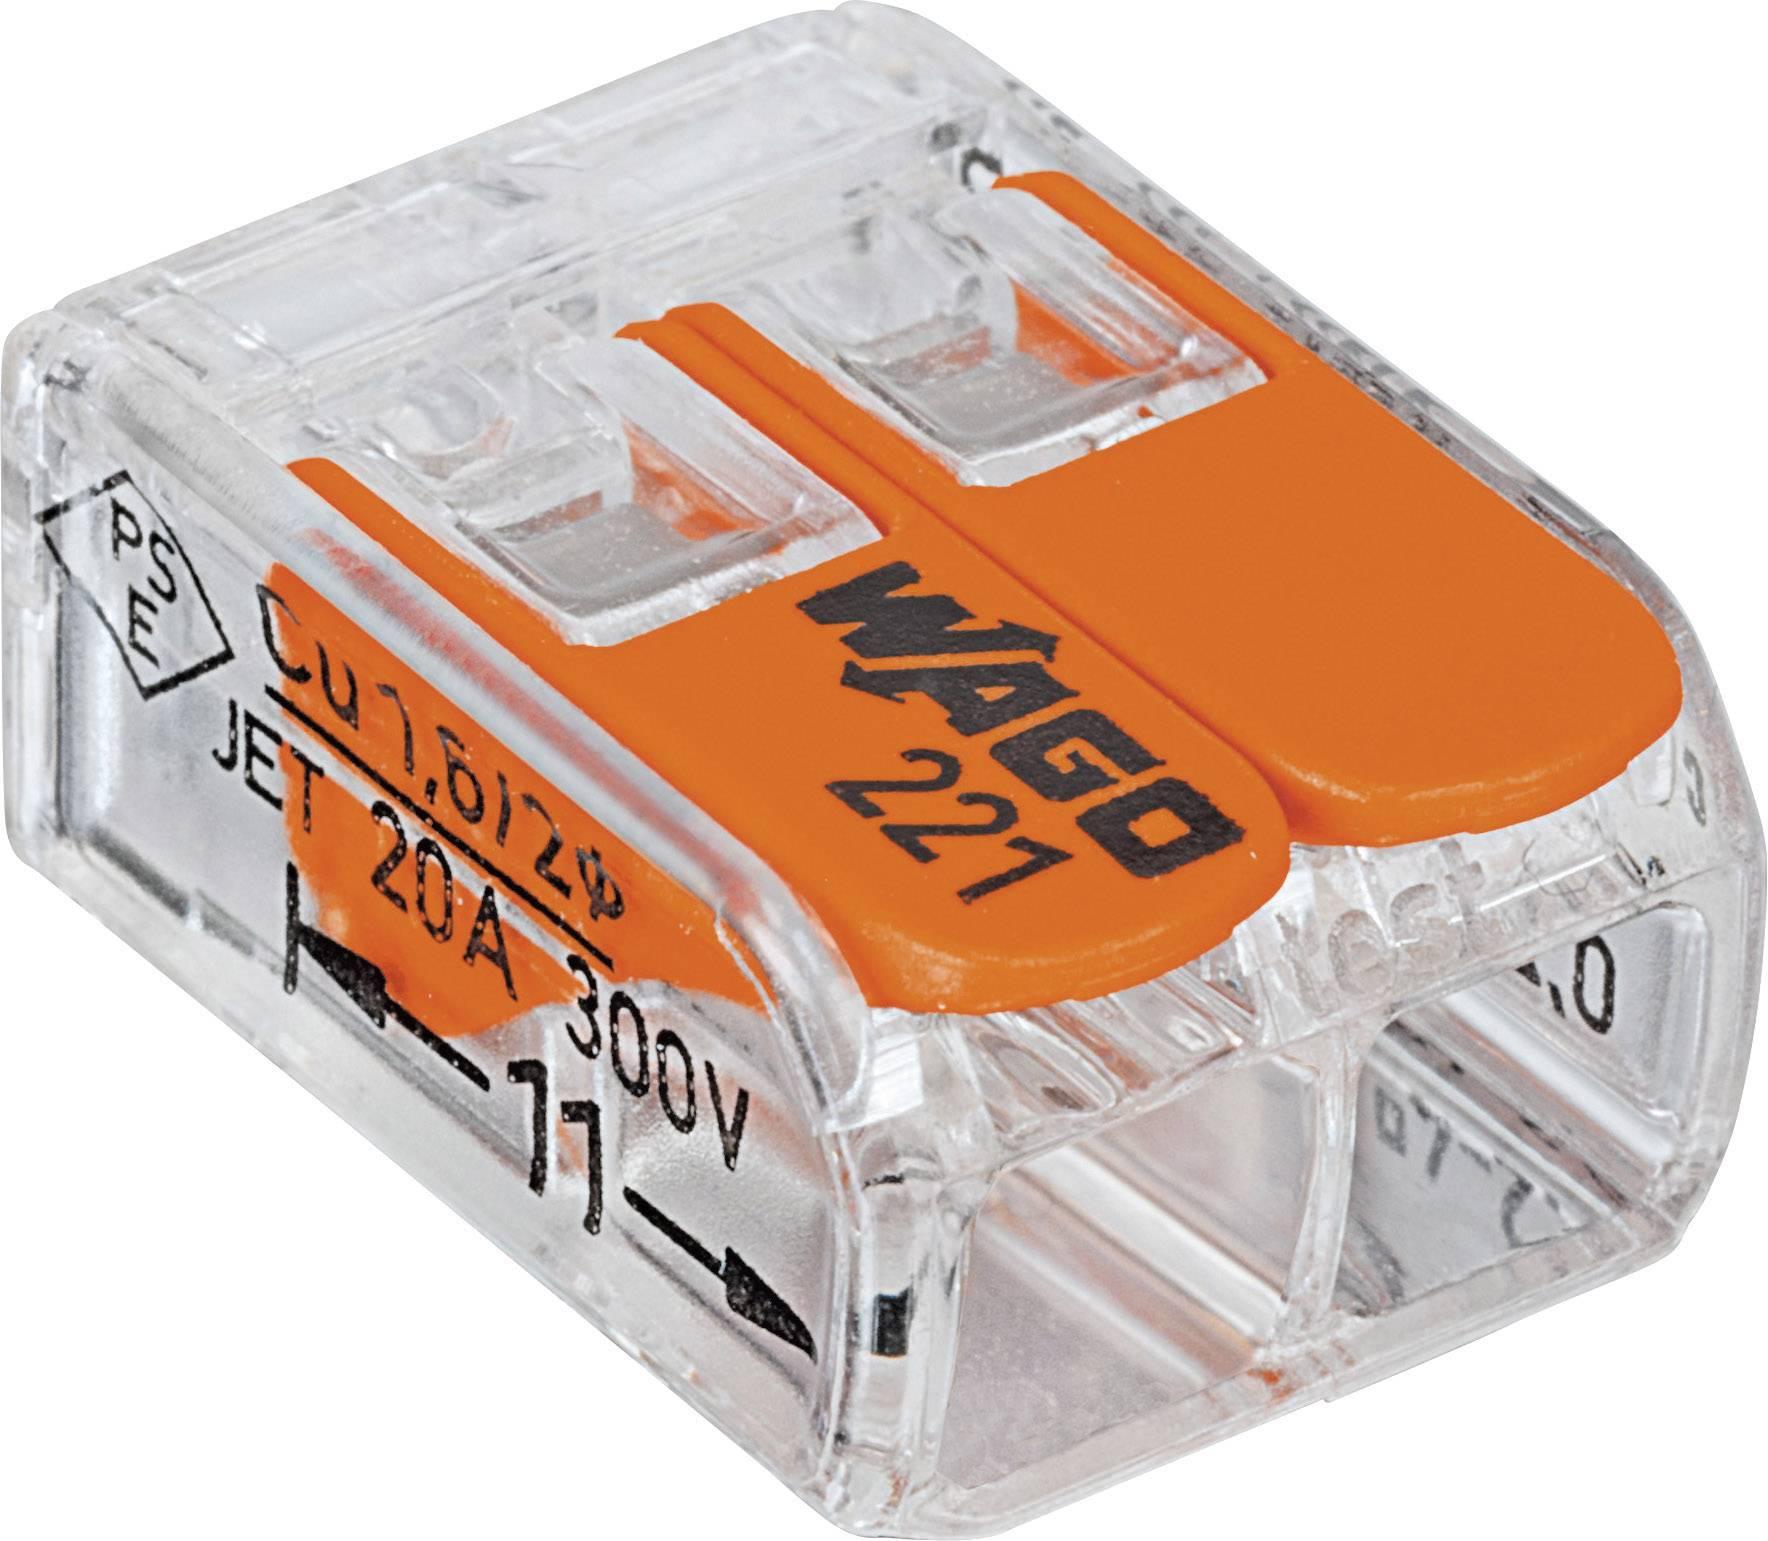 Kabelová svorka WAGO 221-412 pro kabel o rozměru 0.14-4 mm², pólů 2, 1 ks, transparentní, oranžová